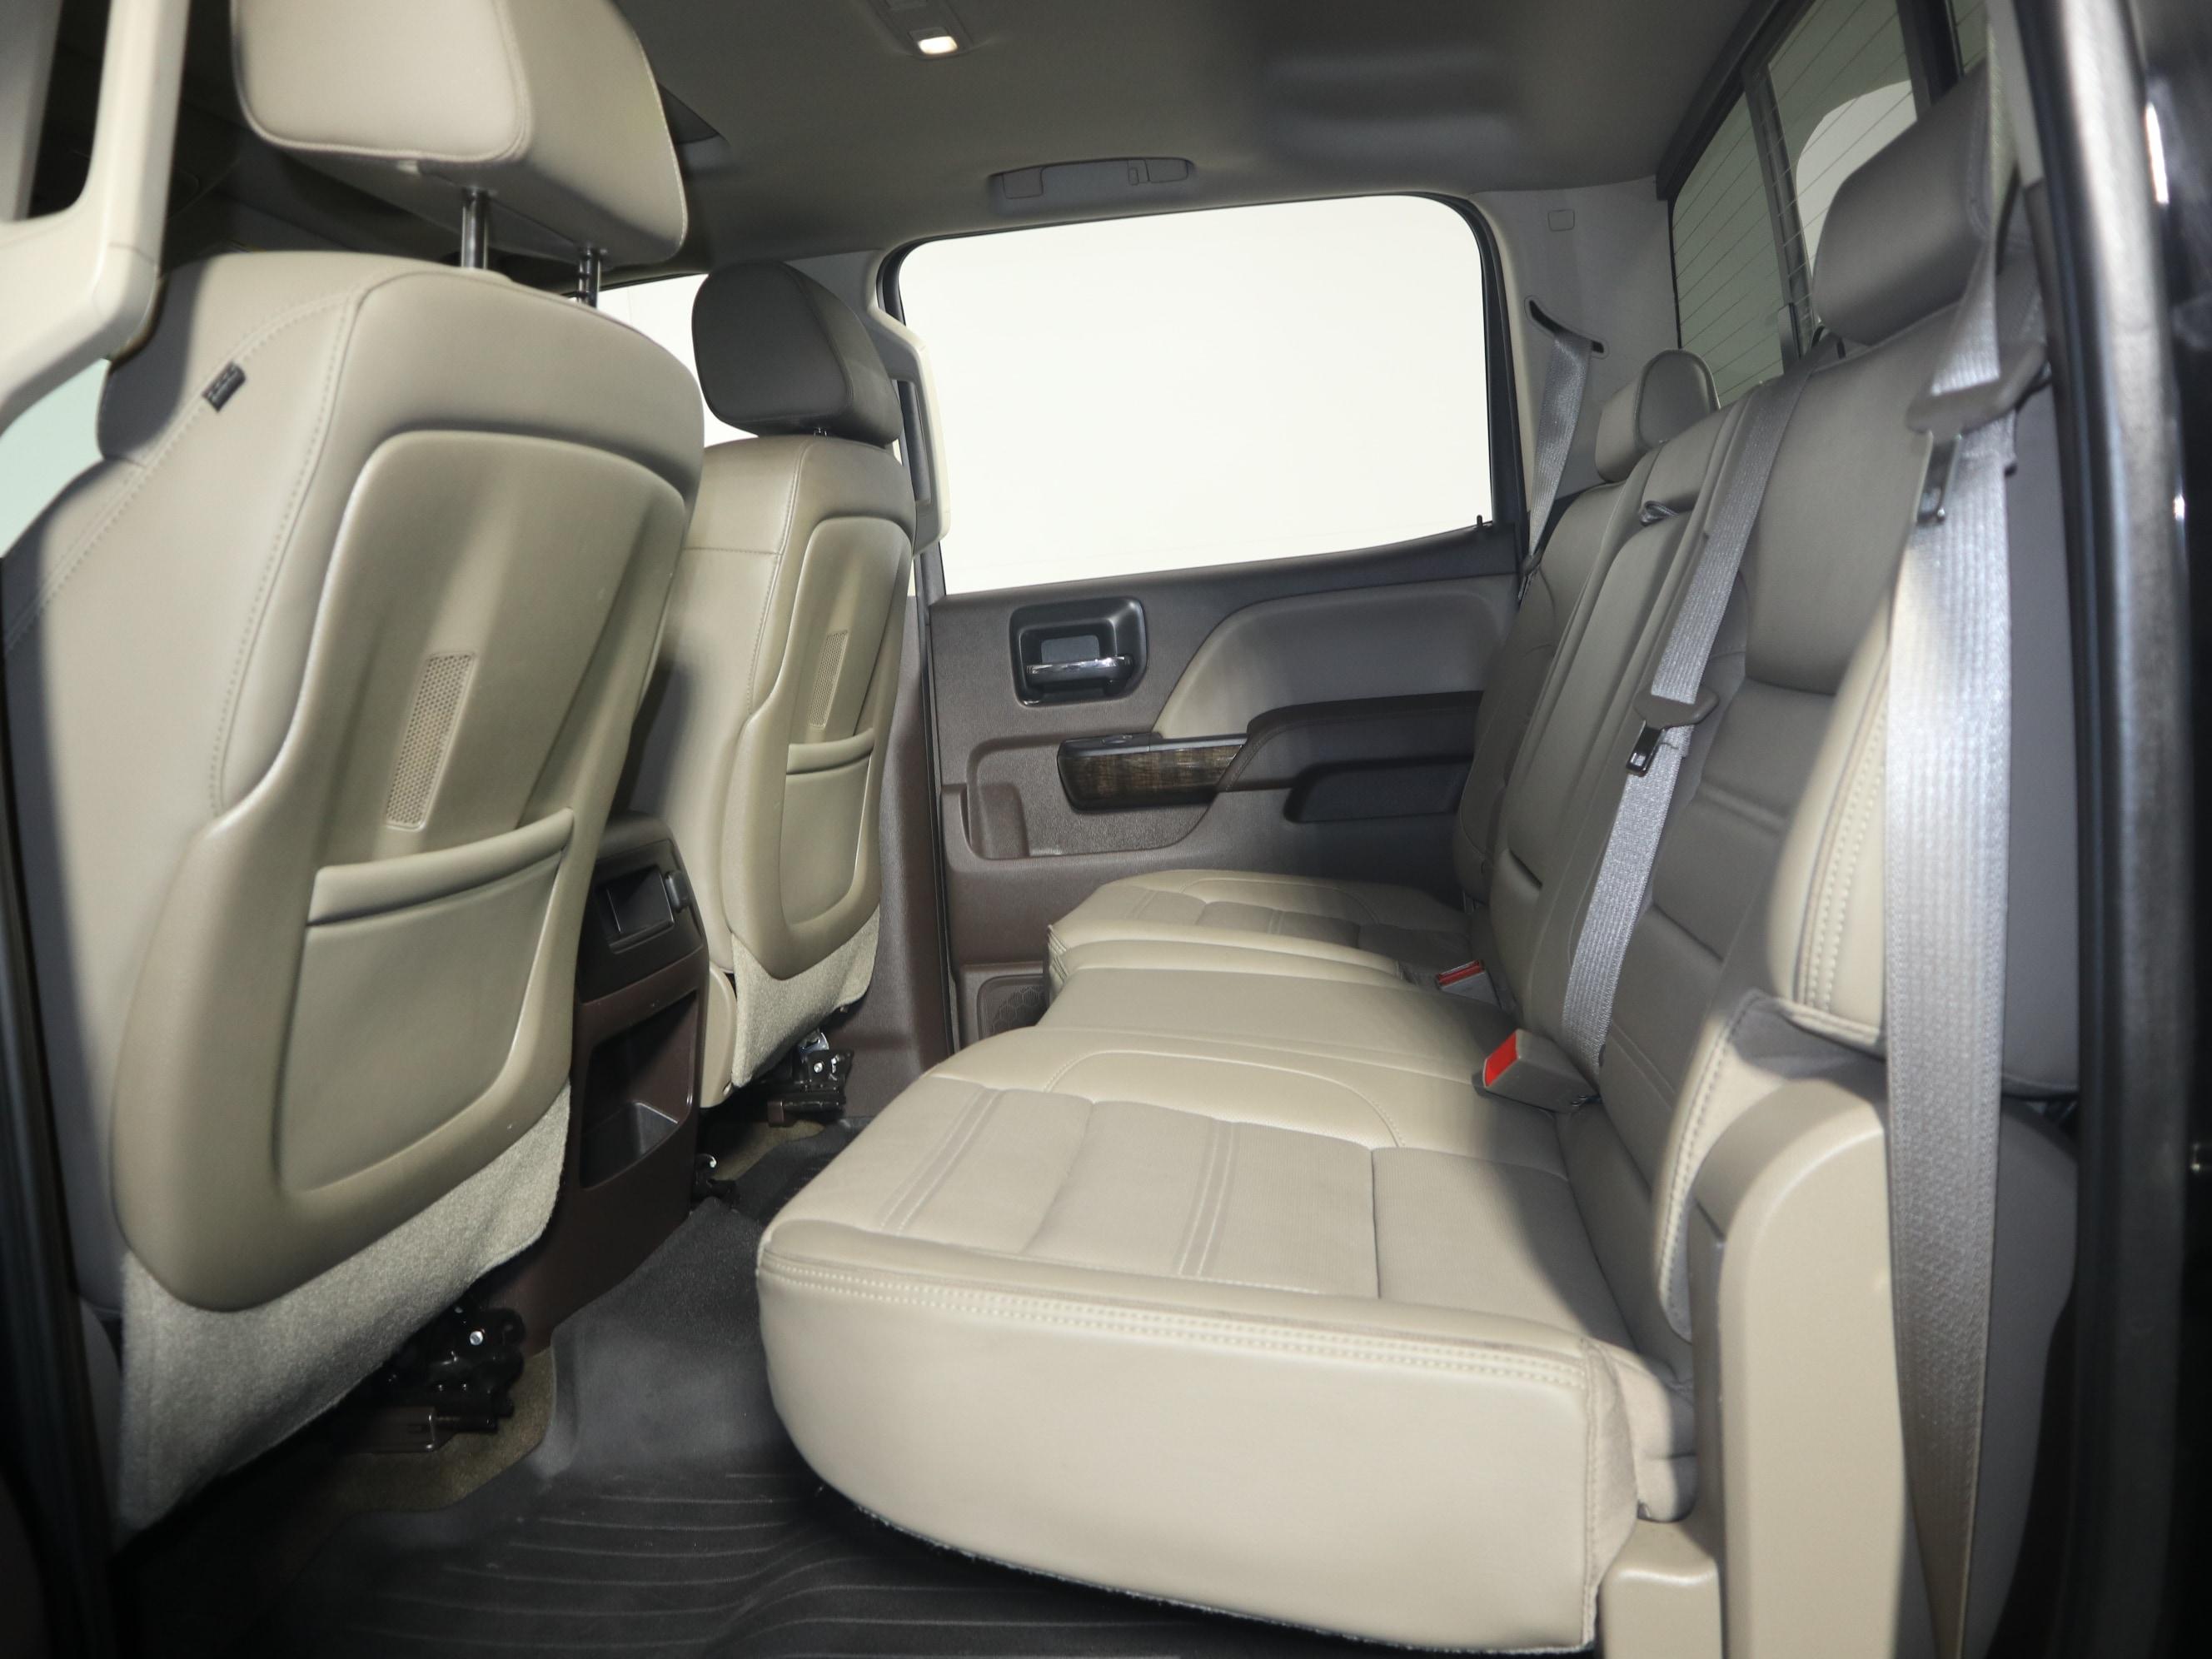 2015 GMC Sierra 2500HD - Fair Car Ownership